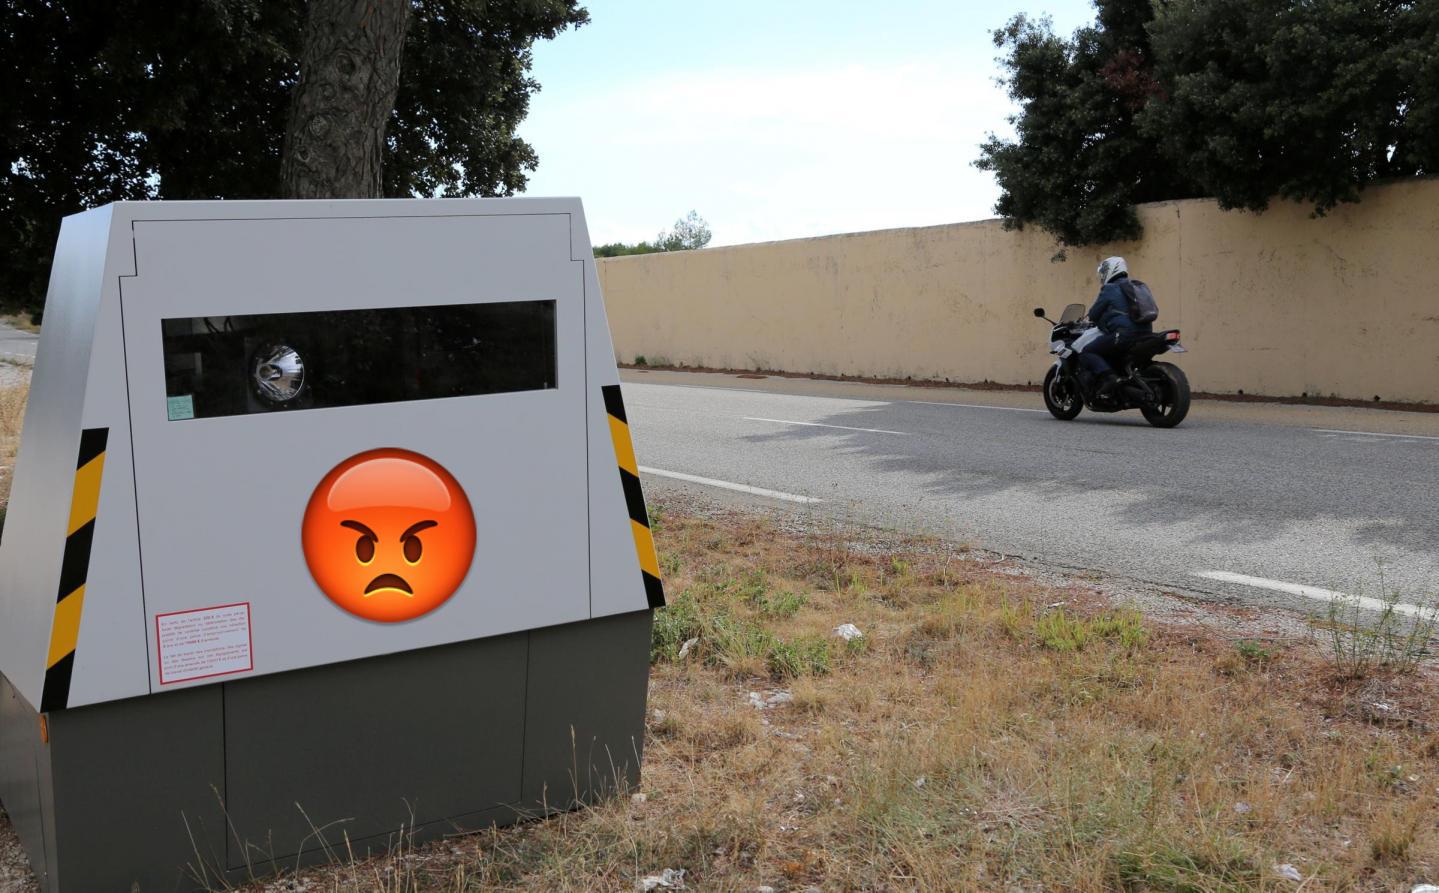 Deux Radars Autonomes Pouvant Flasher Dans Les Virages Vont être Installés